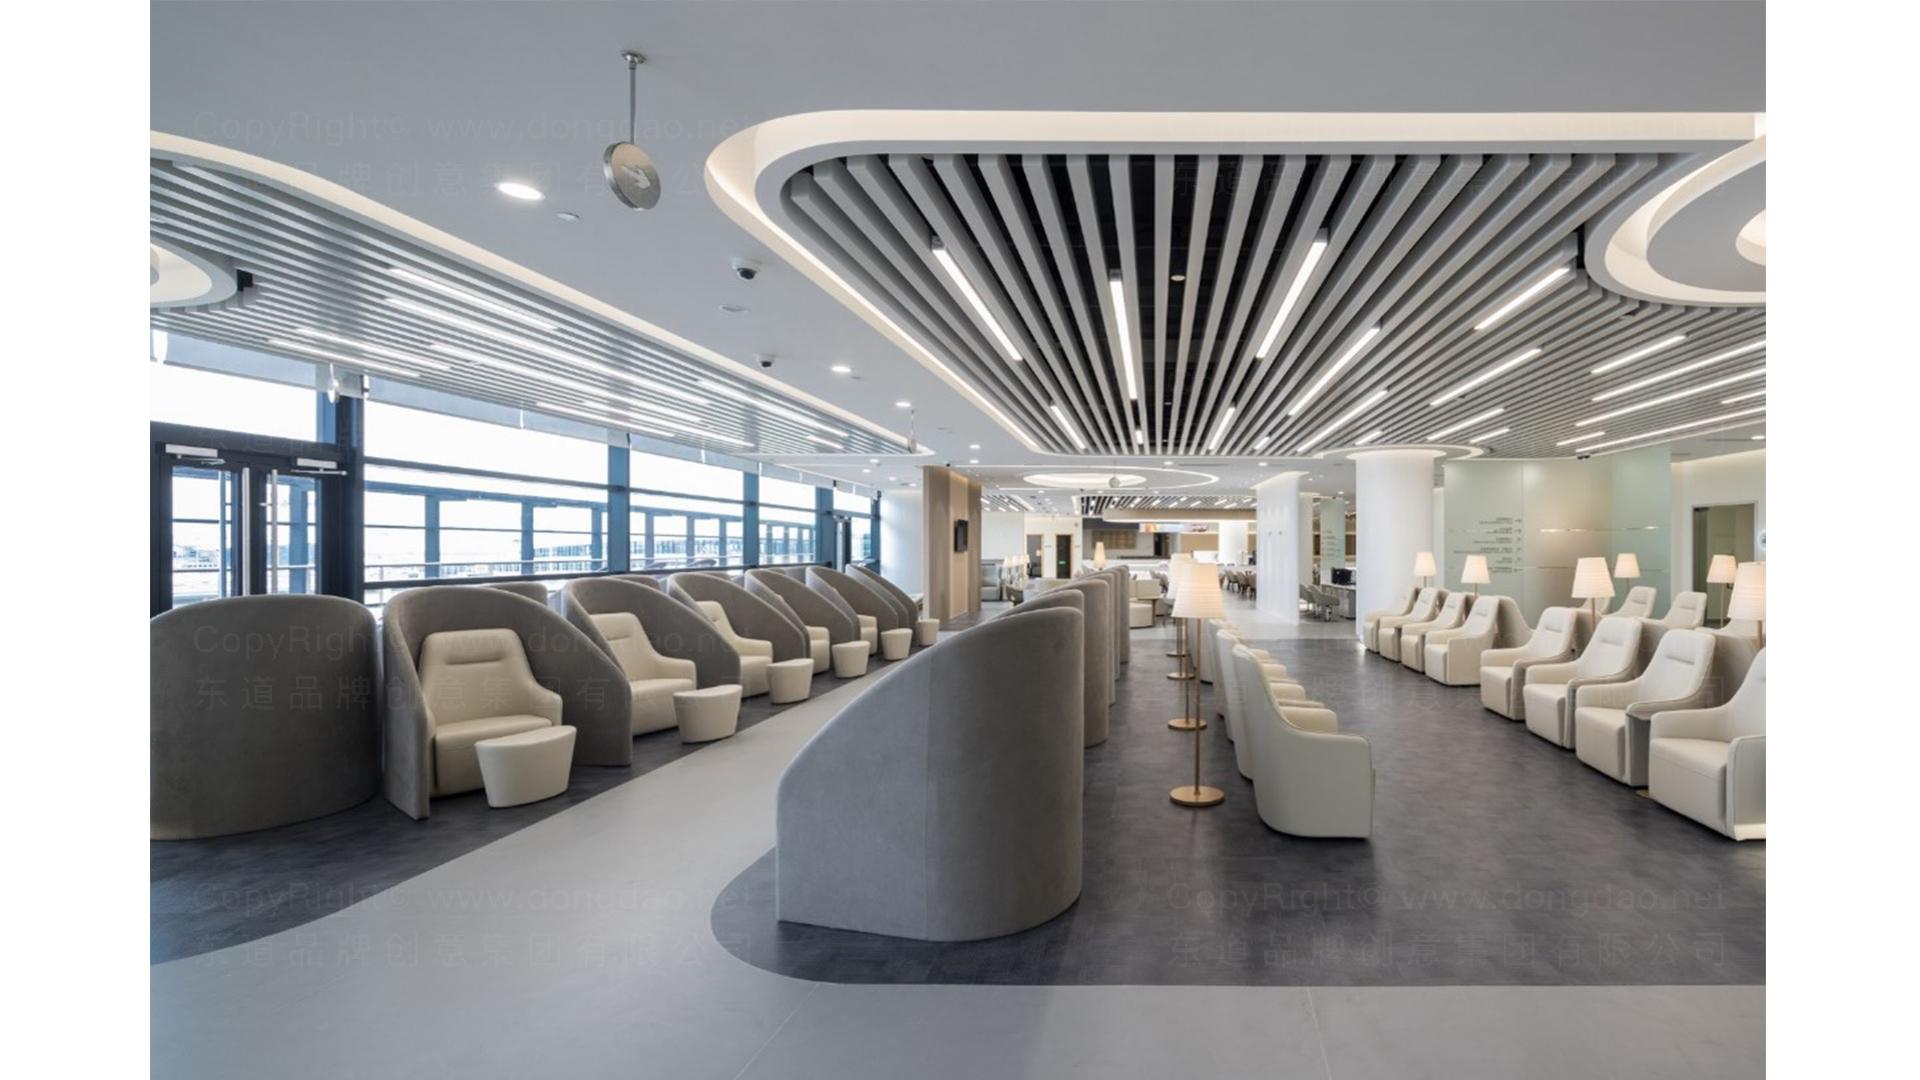 商业空间&导示南方航空南航上海浦东机场 S2 卫星听高端旅客休息室 SI应用场景_14